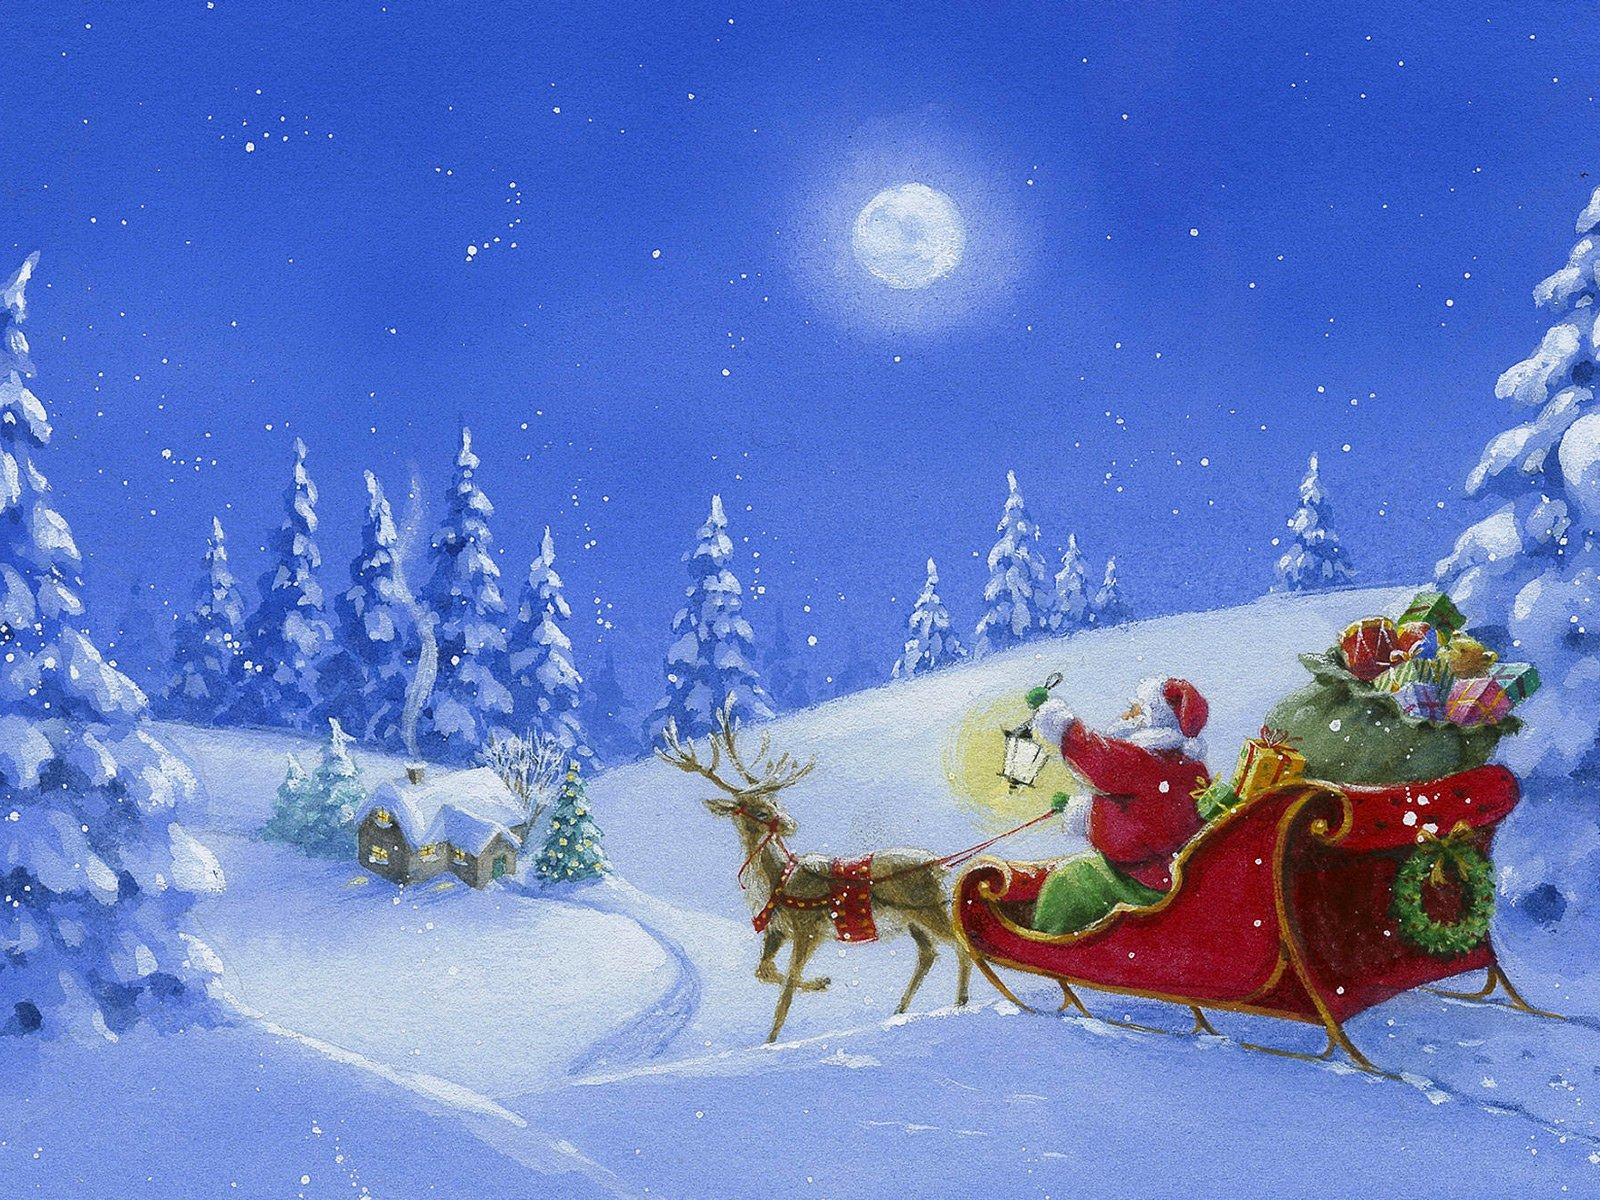 дети новогодние картинки с дедом морозом на санях и с елкой красивые съемки